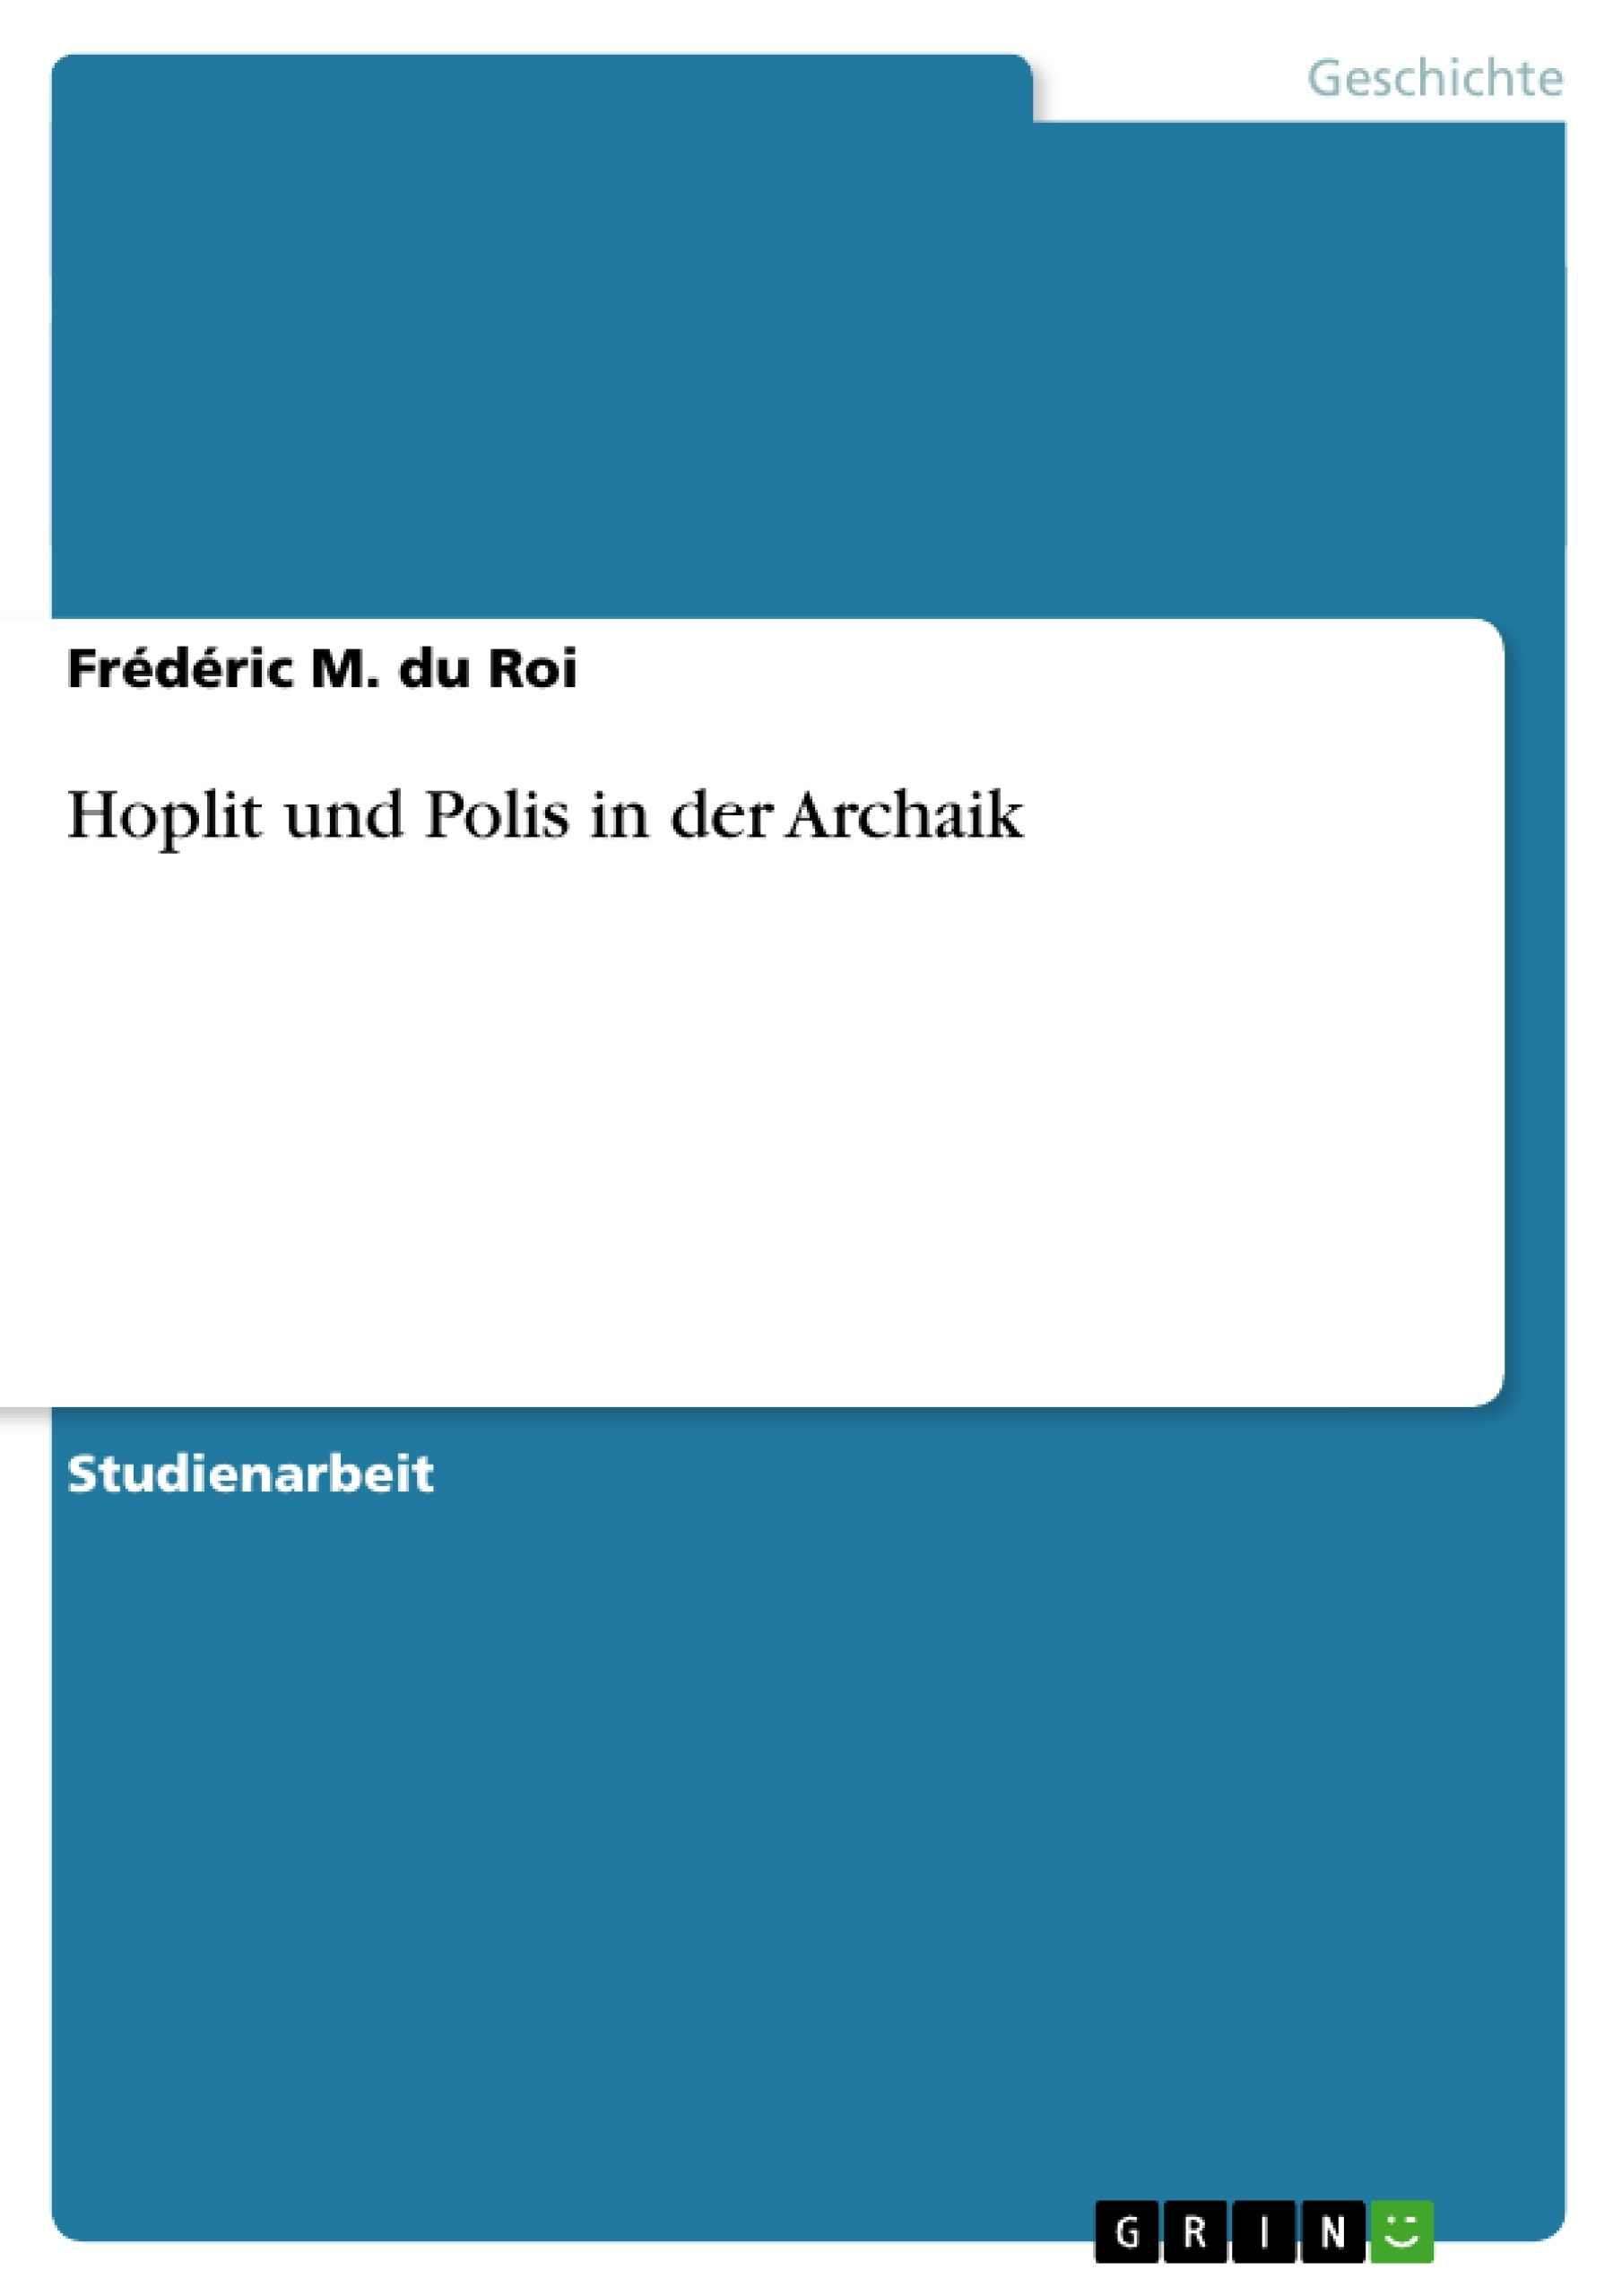 Hoplit und Polis in der Archaik | Masterarbeit, Hausarbeit ...